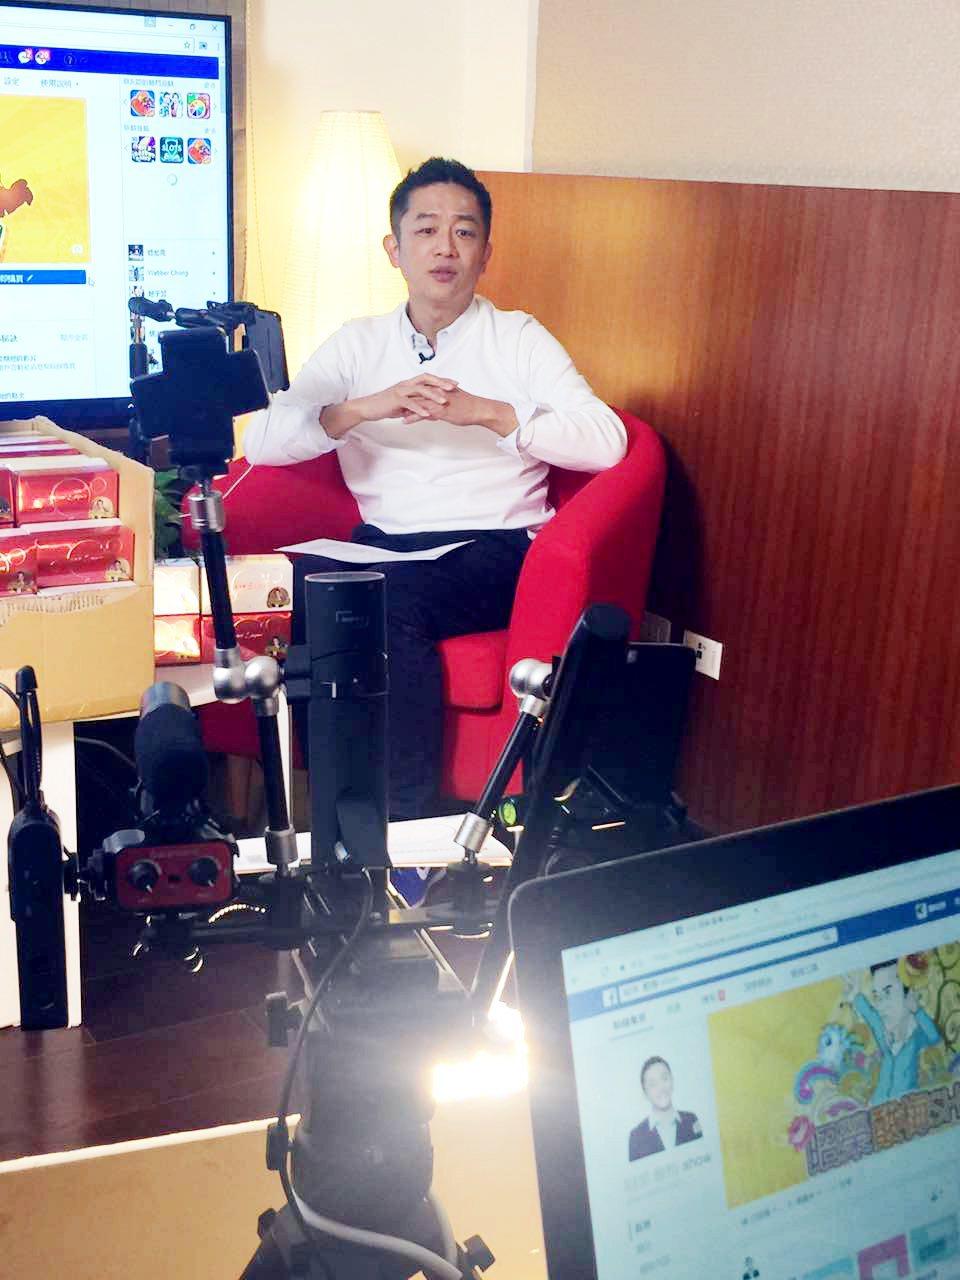 陳昭榮開直播節目設備齊全,連燈光都自備自打。圖/A.Y.E提供